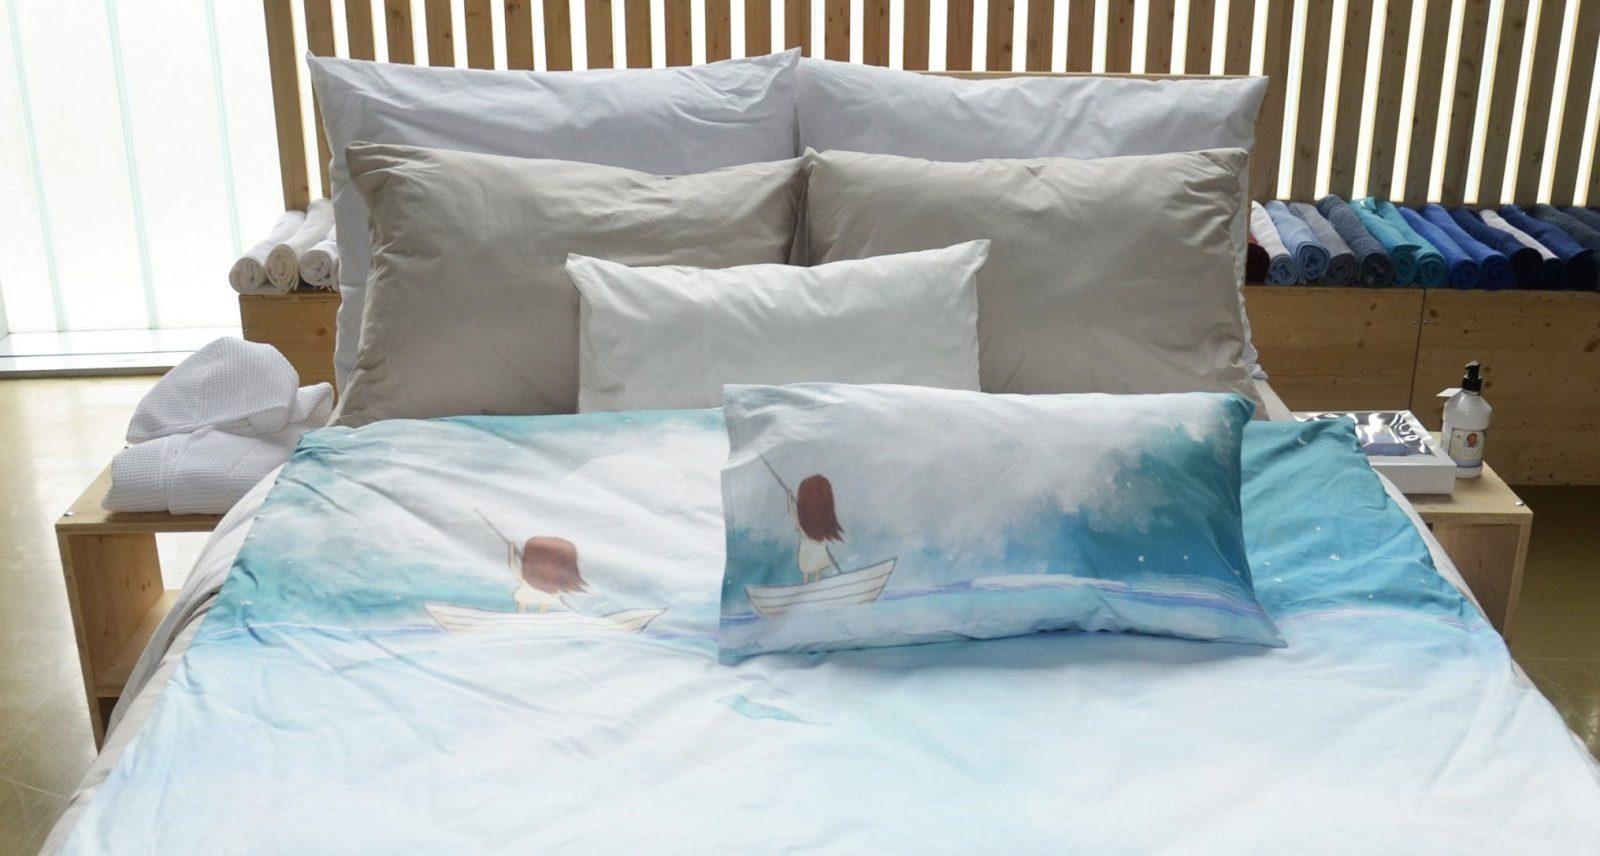 Homey Inspiration Bettwäsche Bedrucken Mit Foto Oder Werbung Juerg von Bettwäsche Eigenes Motiv Photo